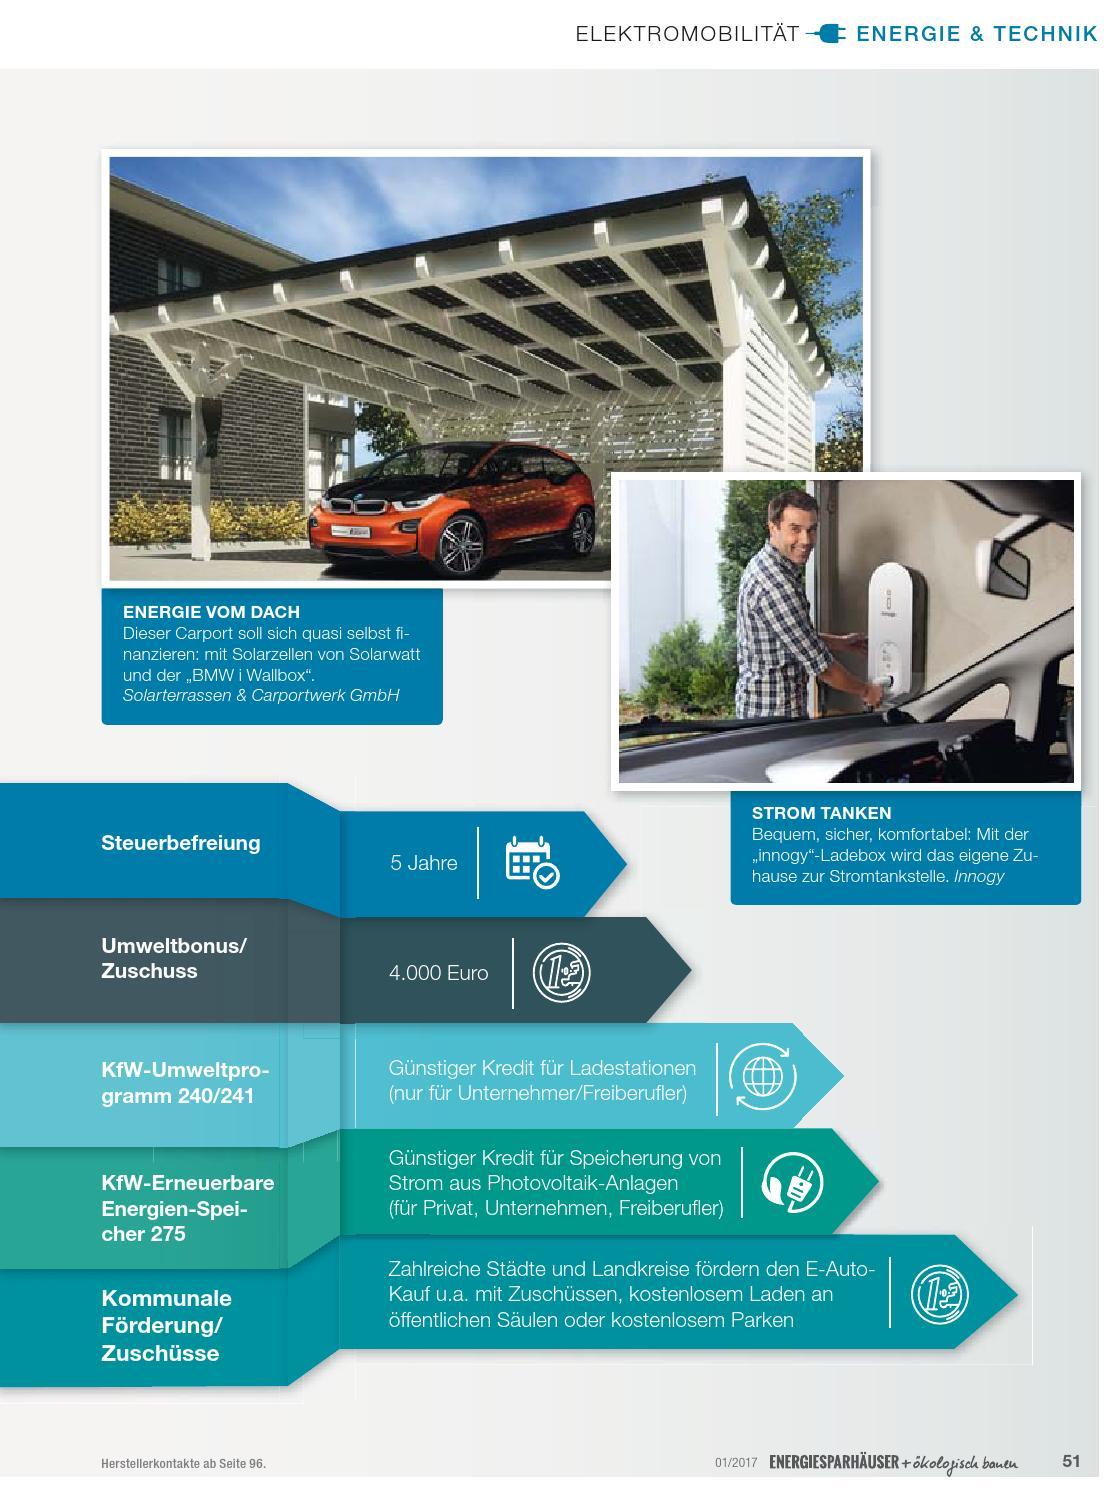 Interior Design For Solarterrassen Ideas Of Energiesparhäuser + ökologisch Bauen 1/2017 By Family